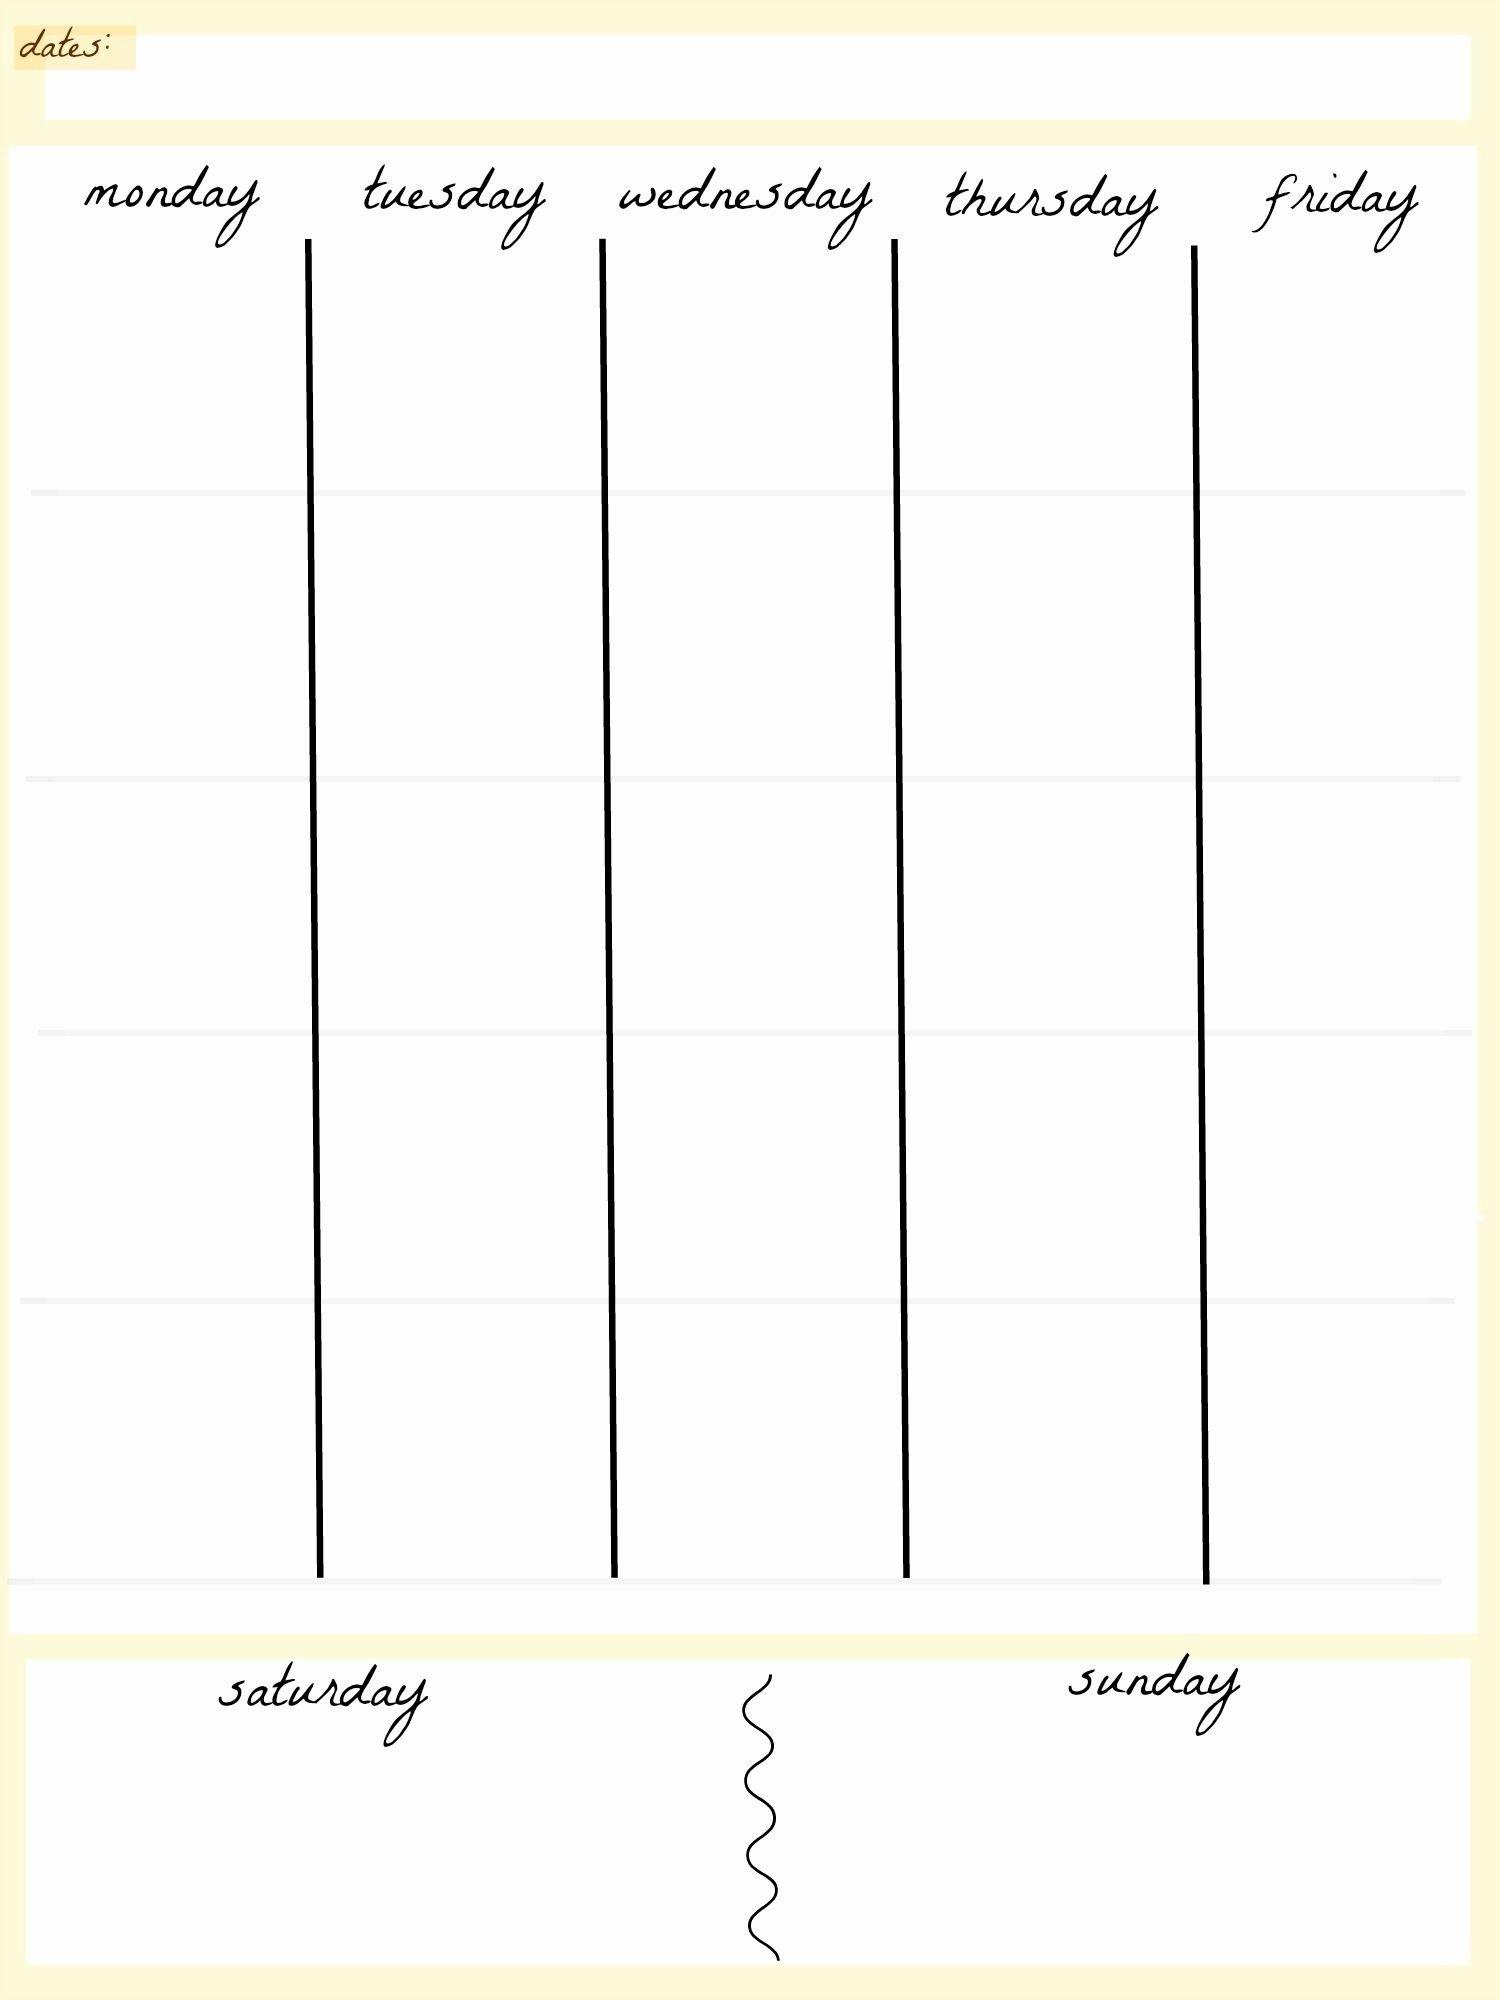 5 Day Week Printable Schedules | Example Calendar Printable Blank 5 Week Calandar